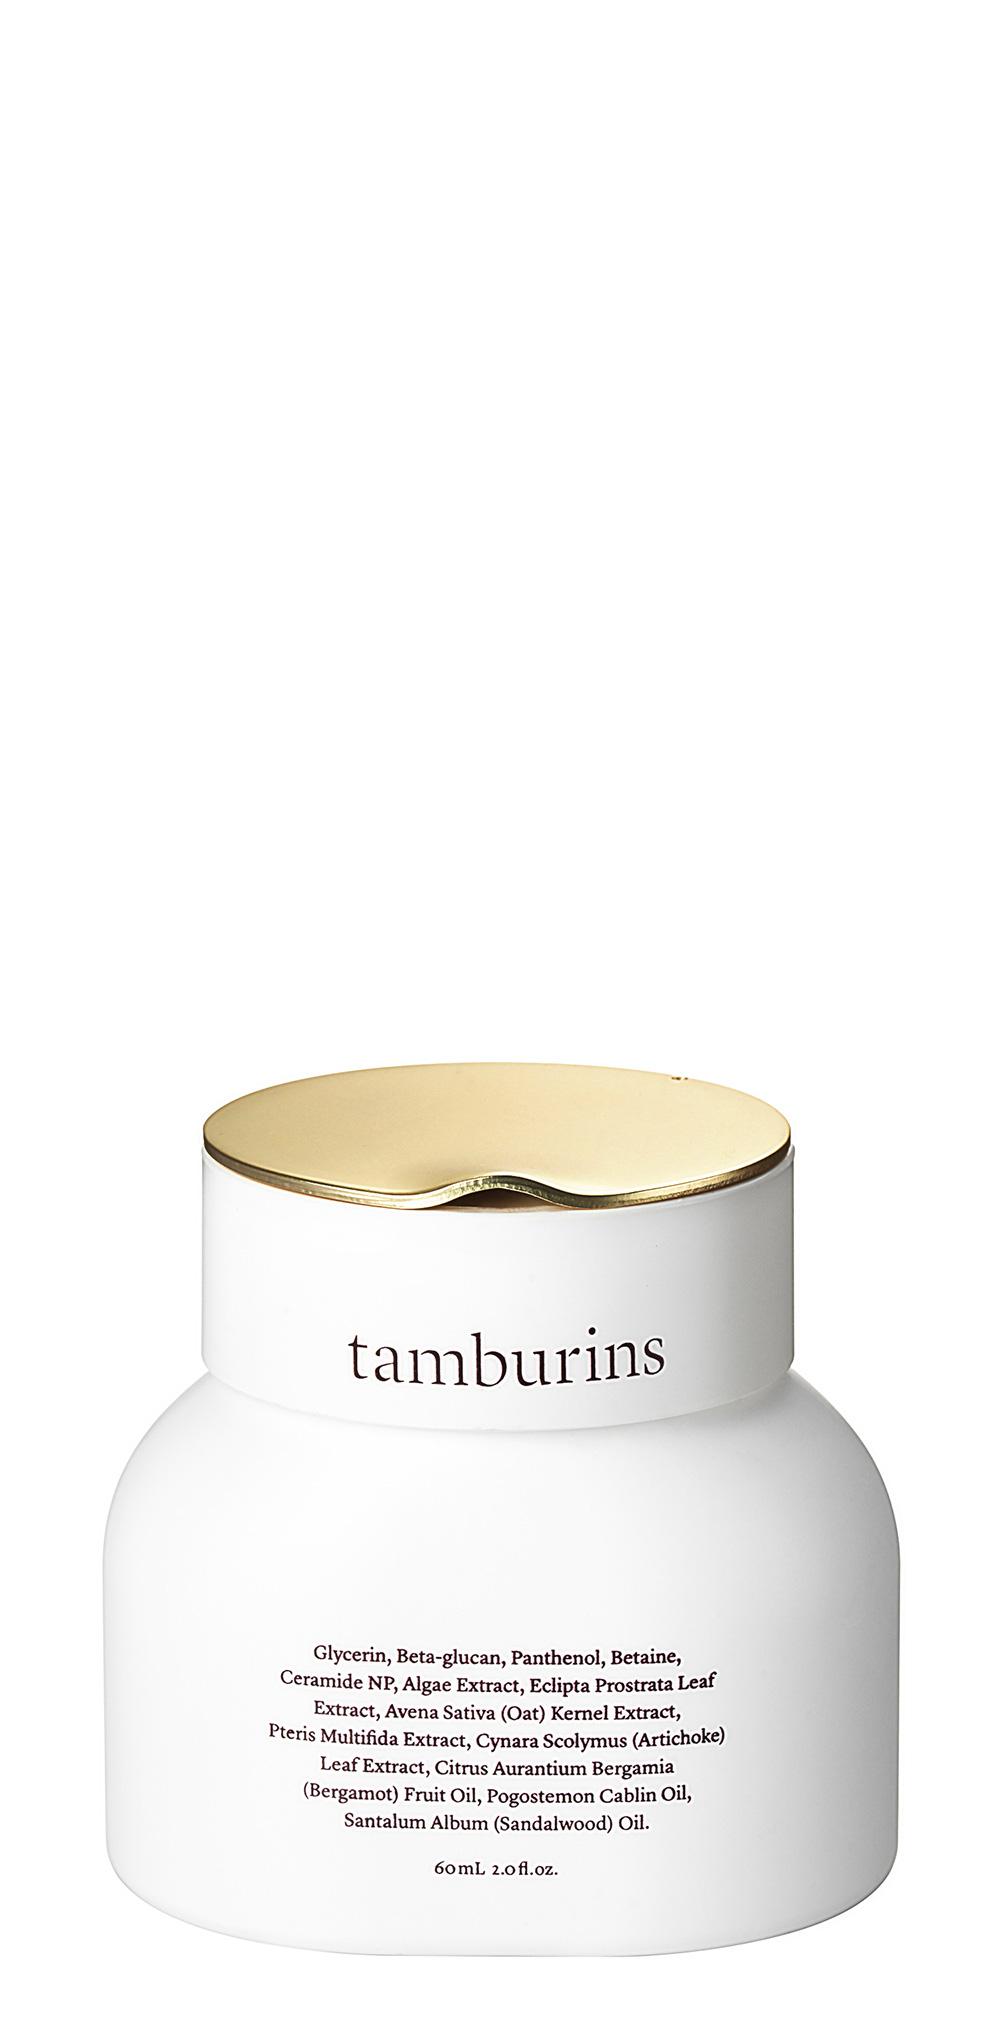 tamburins | 댄스인핸스 페이셜 보습크림